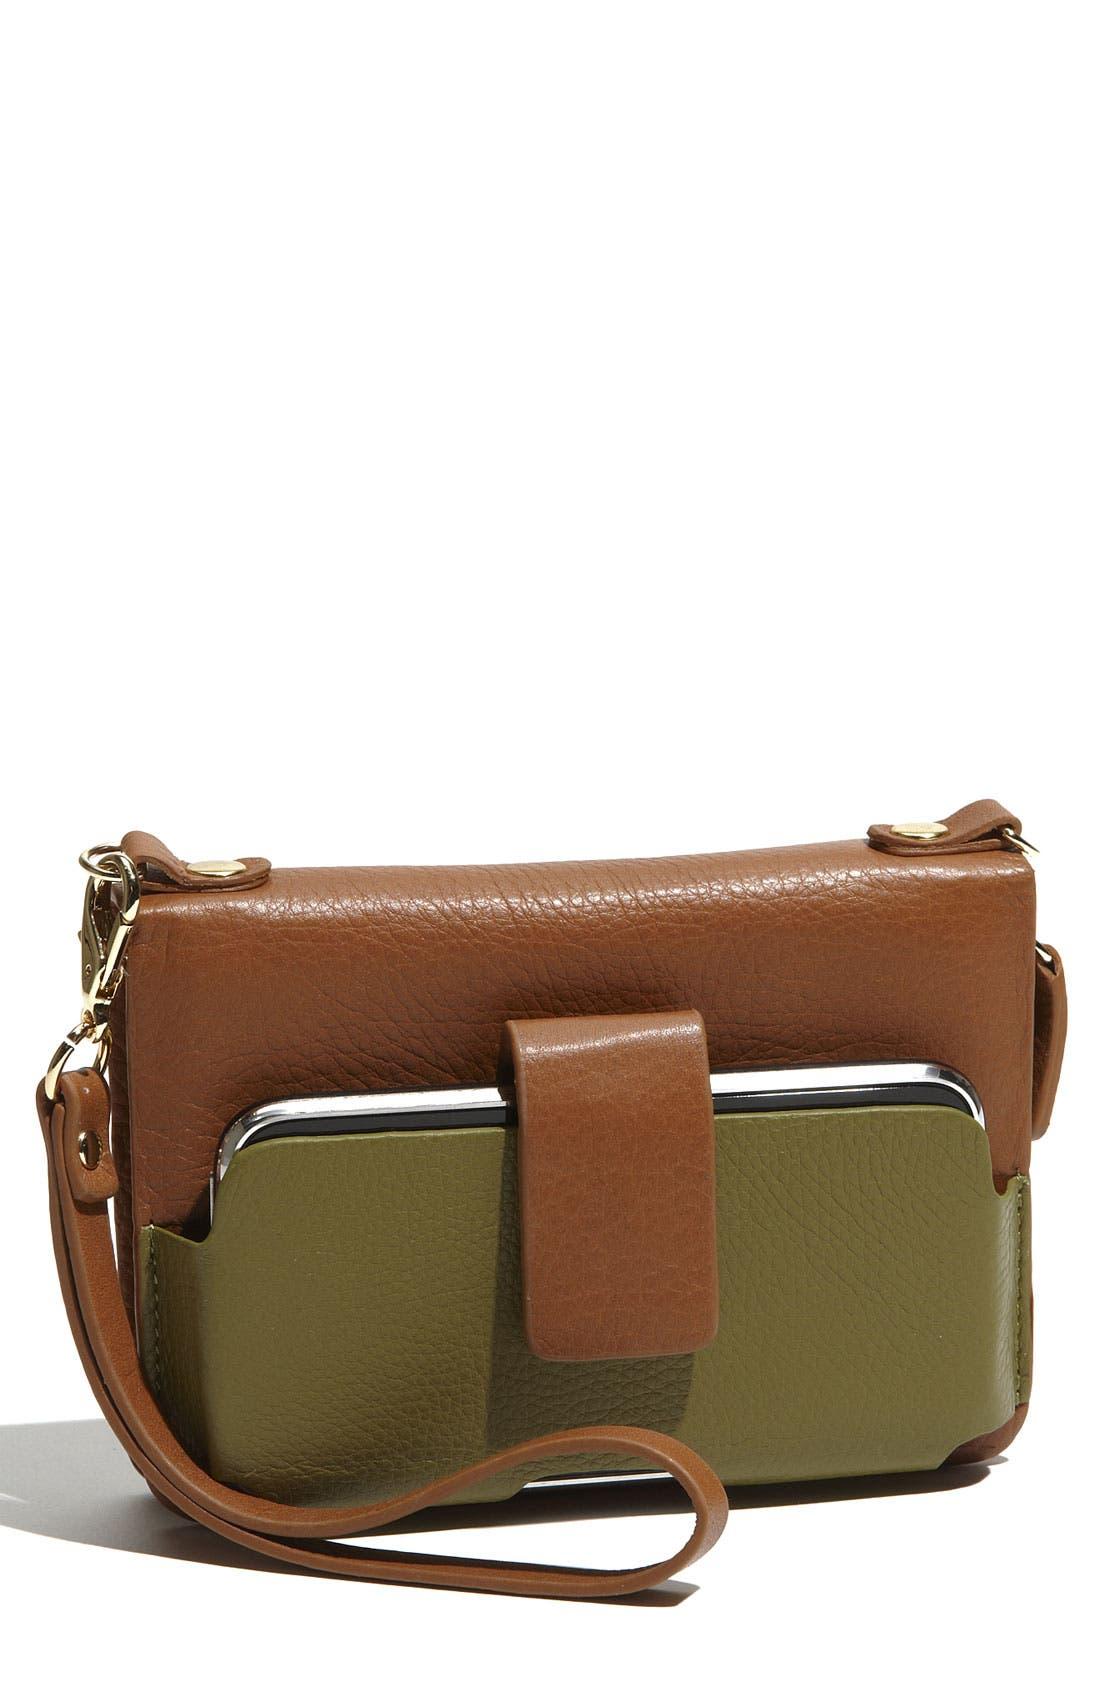 'Kayla' Wristlet & Smartphone Case,                         Main,                         color, Saddle/ Olive